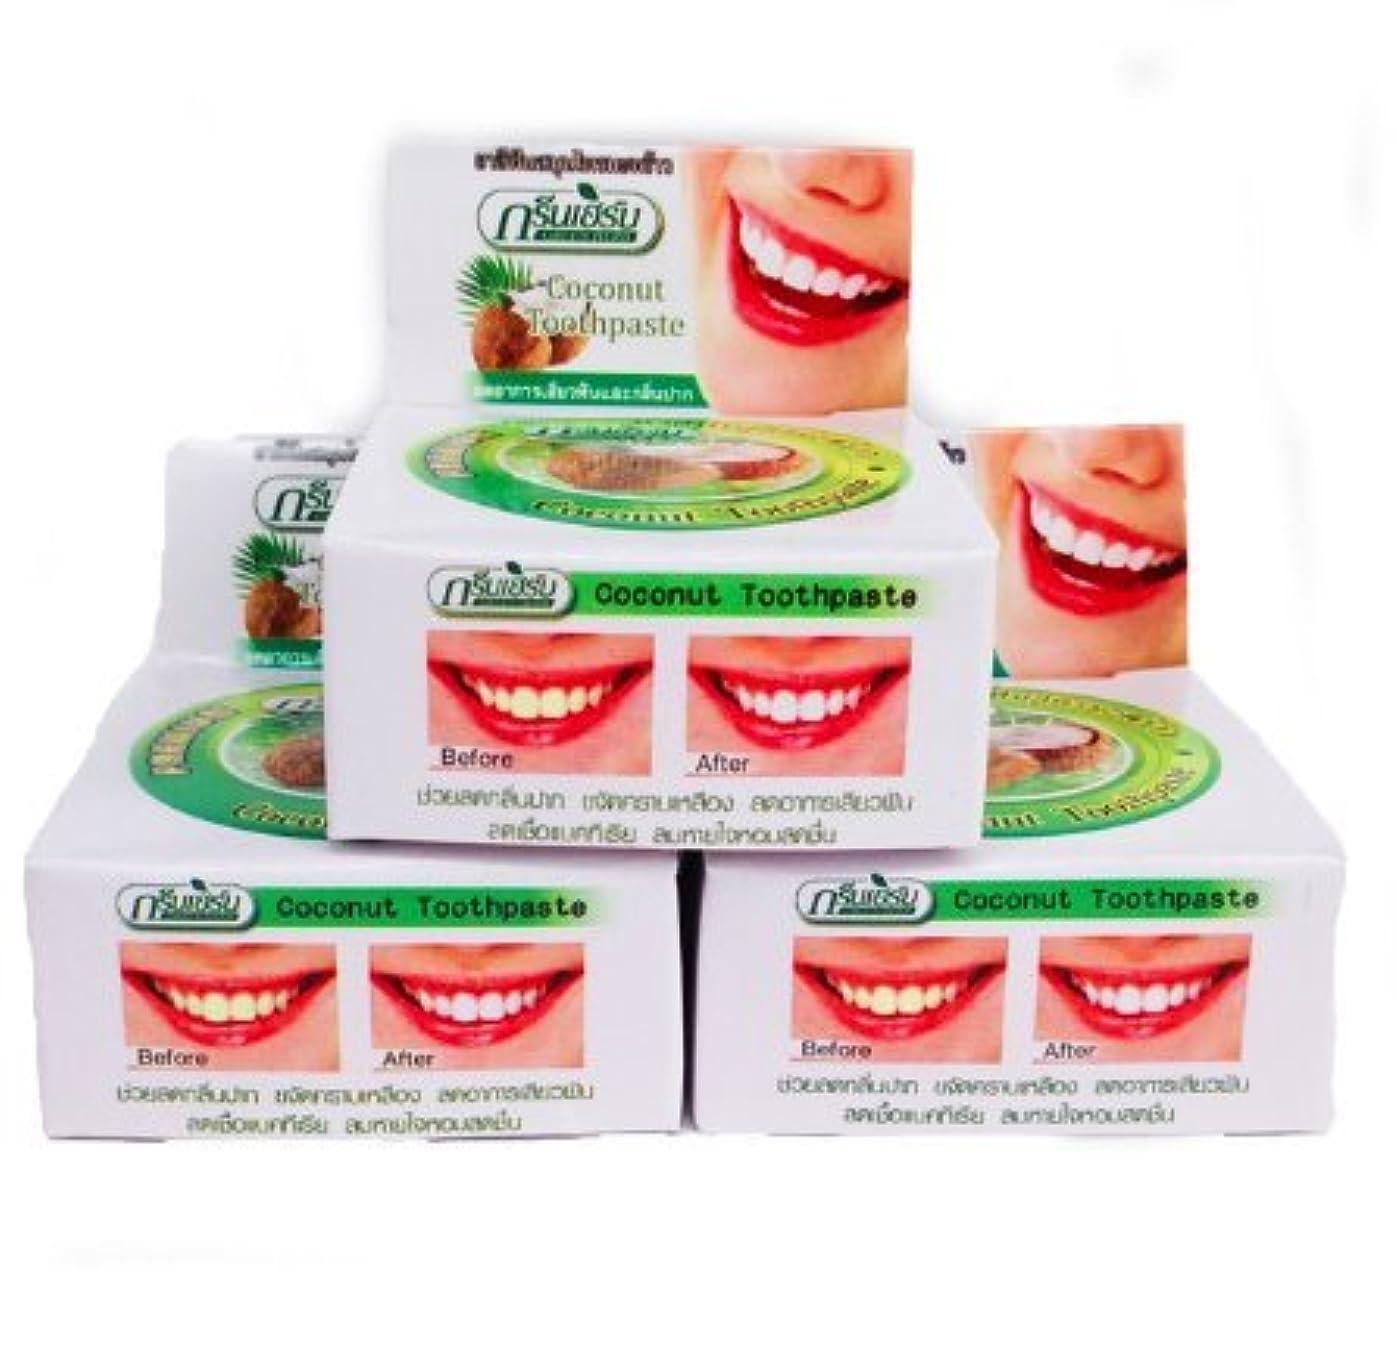 ゴミ結論ASN ハーブ歯磨き粉 10g Thailand Coconut Toothpastes Herbal Clove Toothpaste Teeth Whitening Care 3 pcs. by ASN